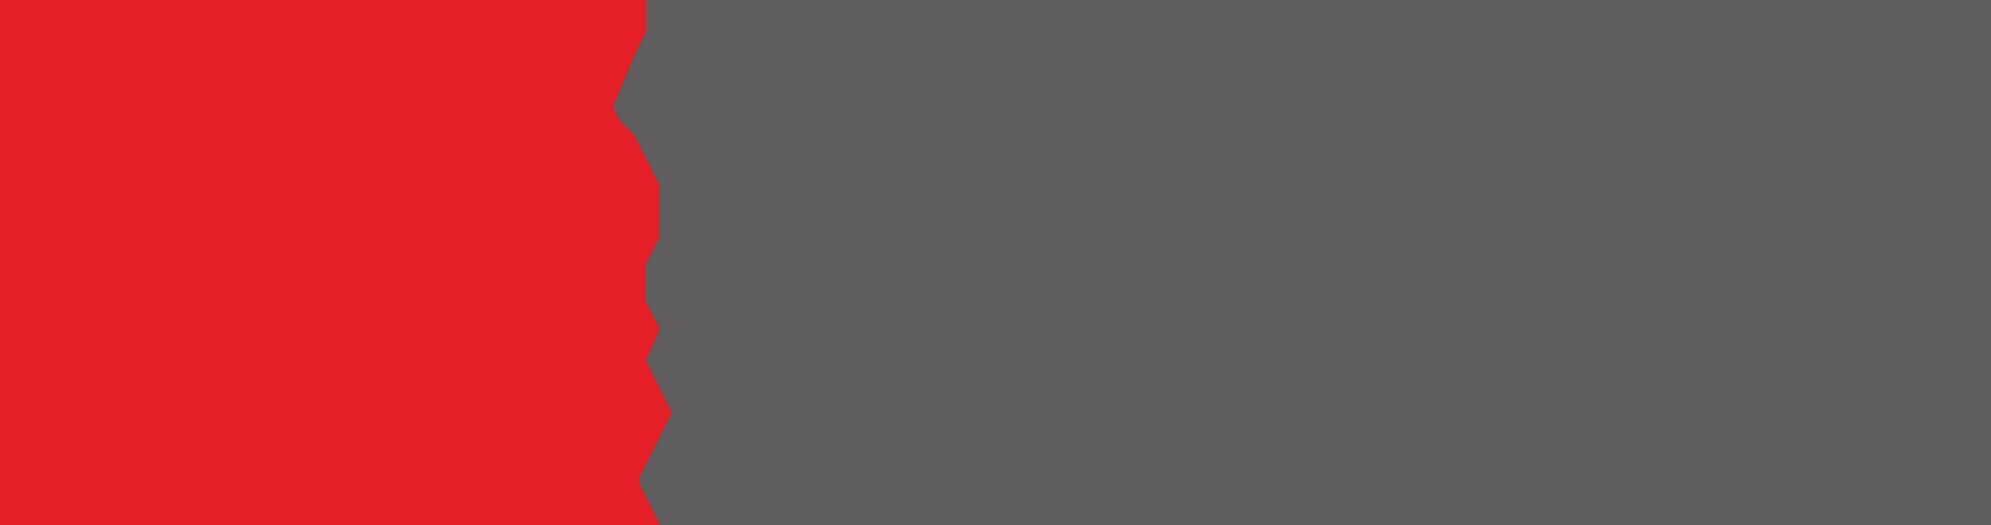 上海集装客文化发展有限公司